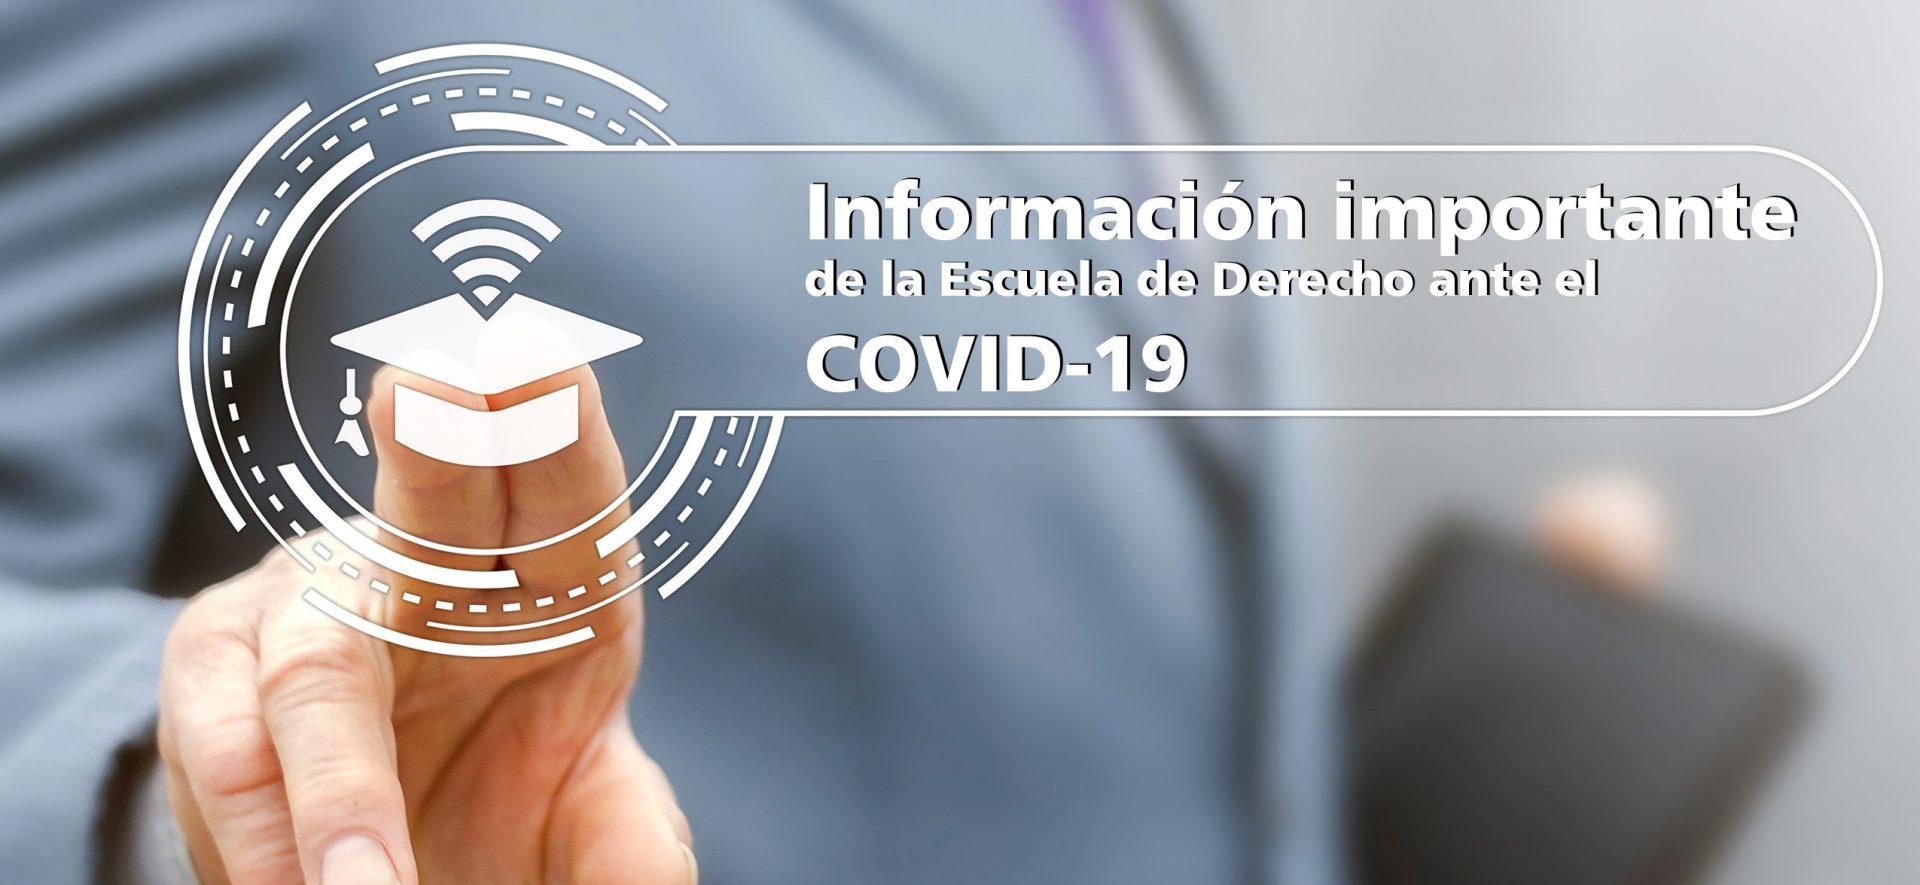 Información importante de la Escuela de Derecho ante el COVID-19